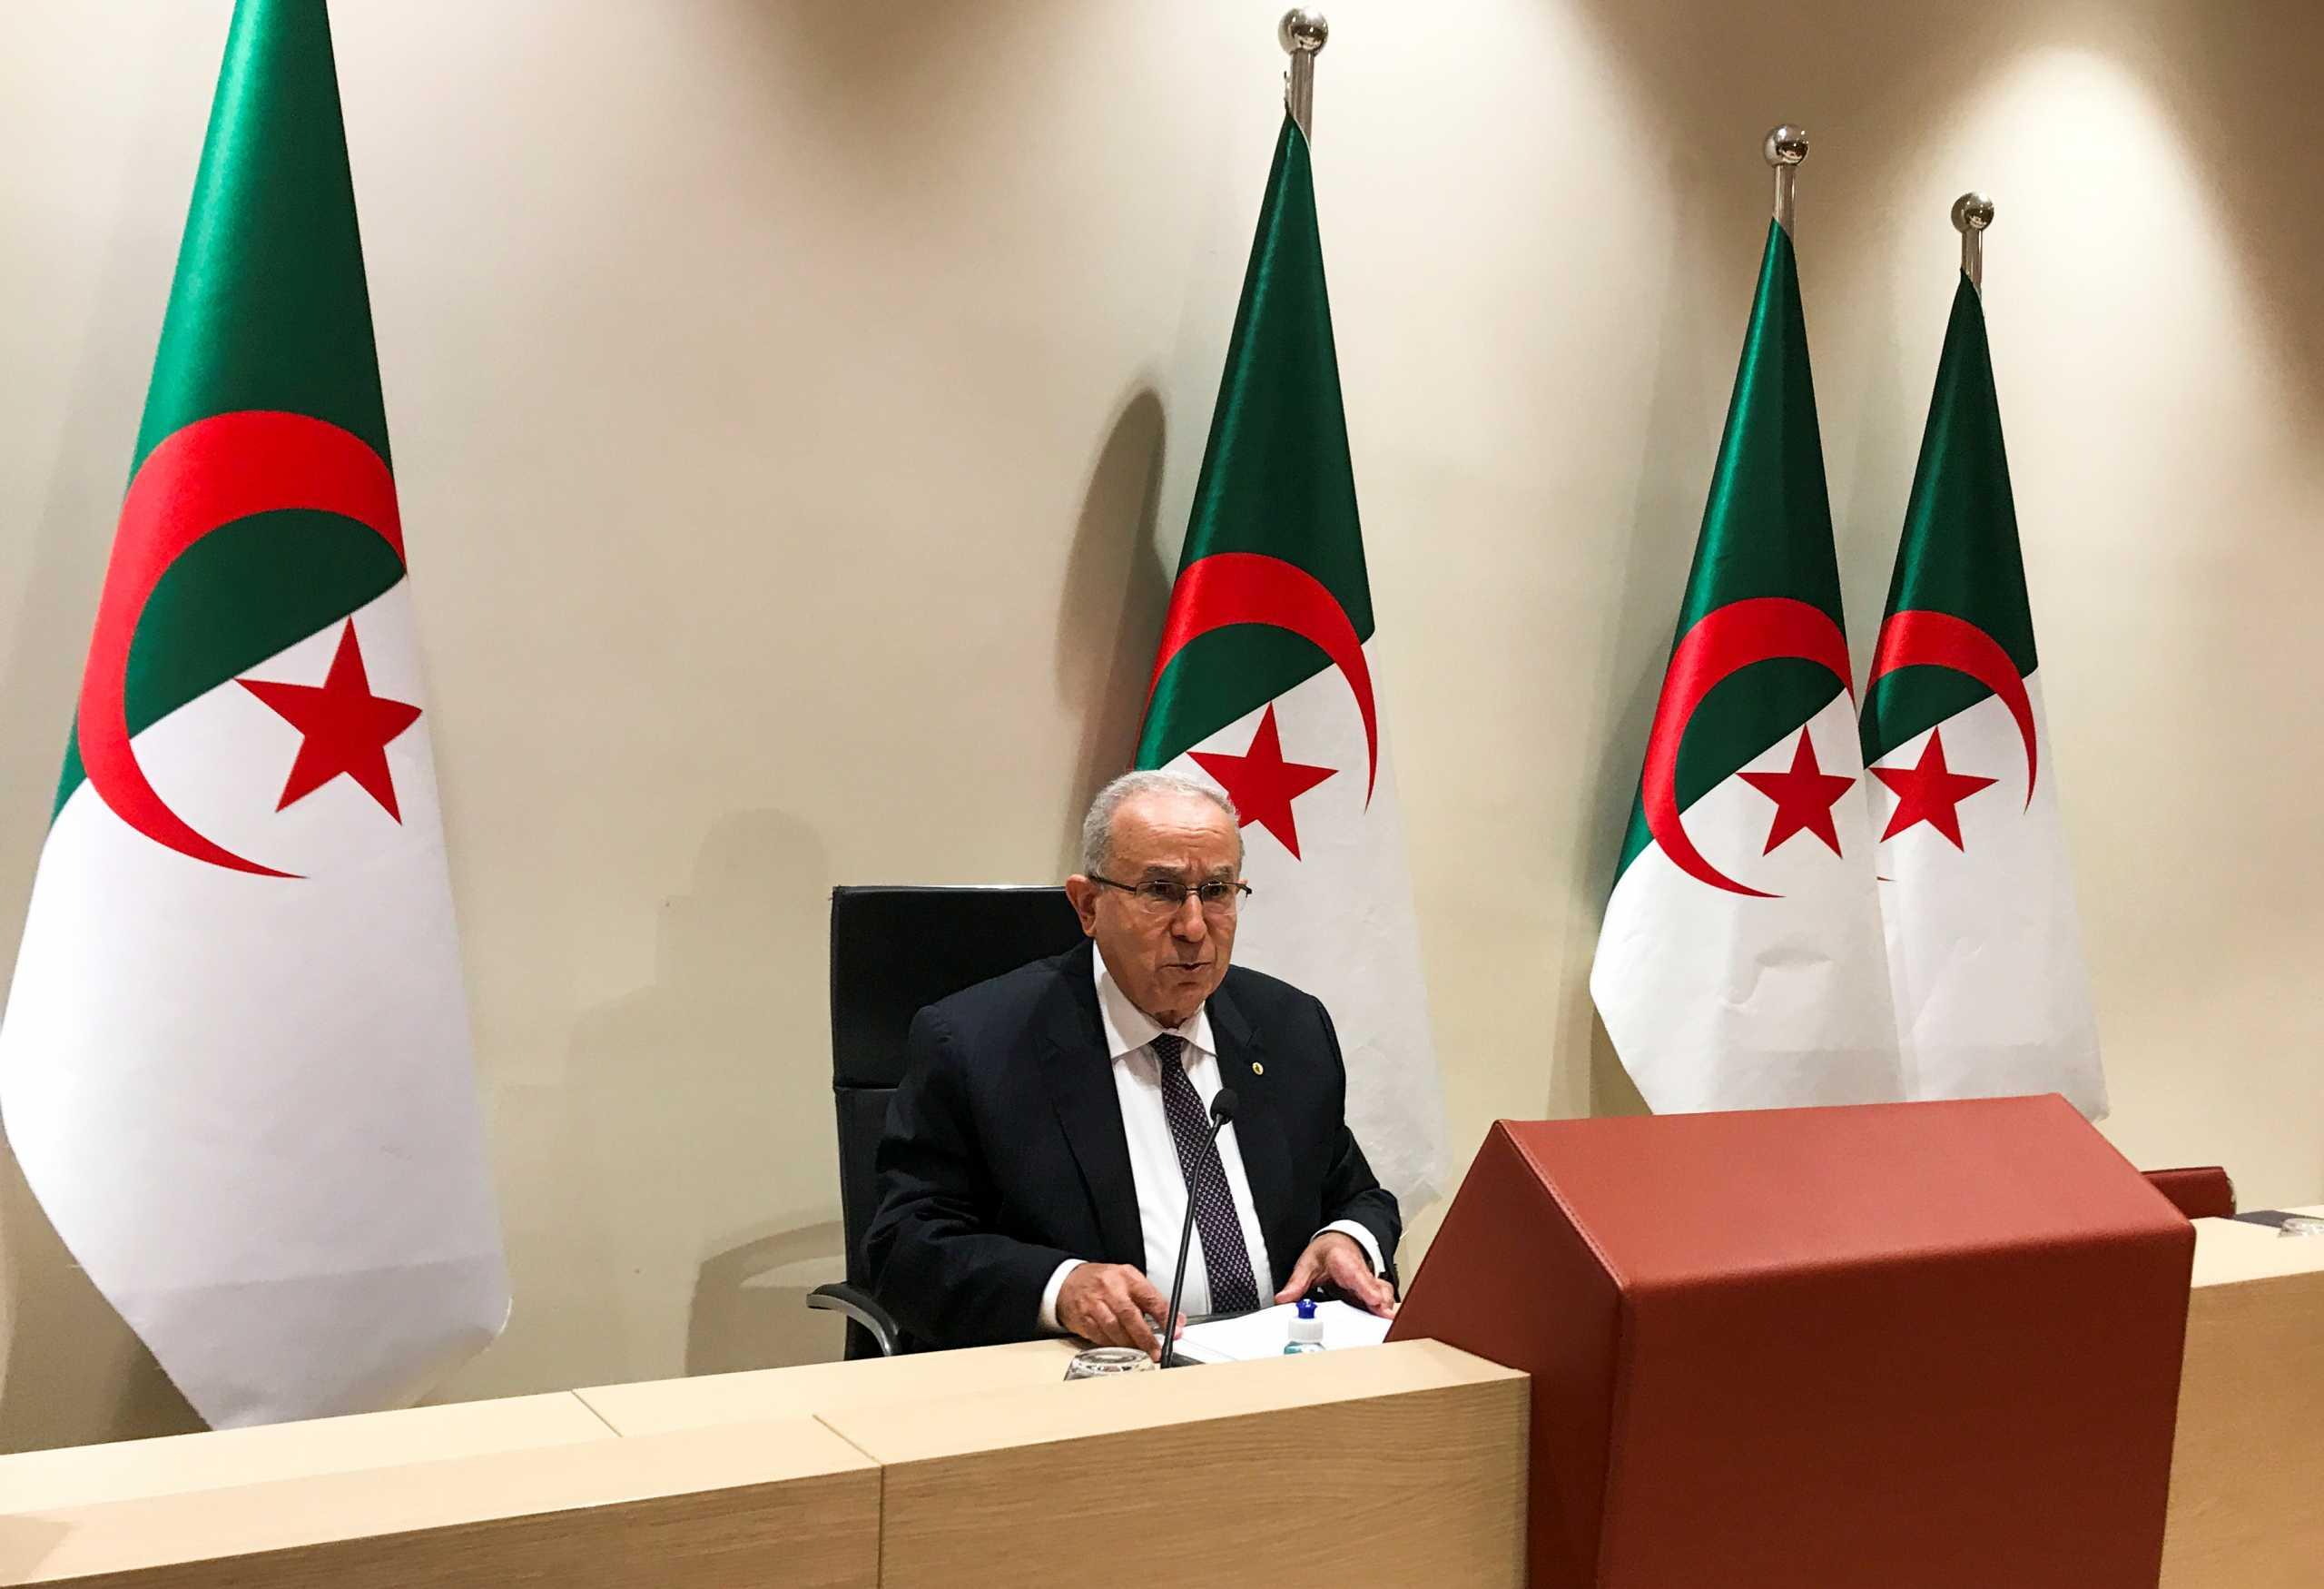 Η Αλγερία κόβει τις διπλωματικές σχέσεις με το Μαρόκο